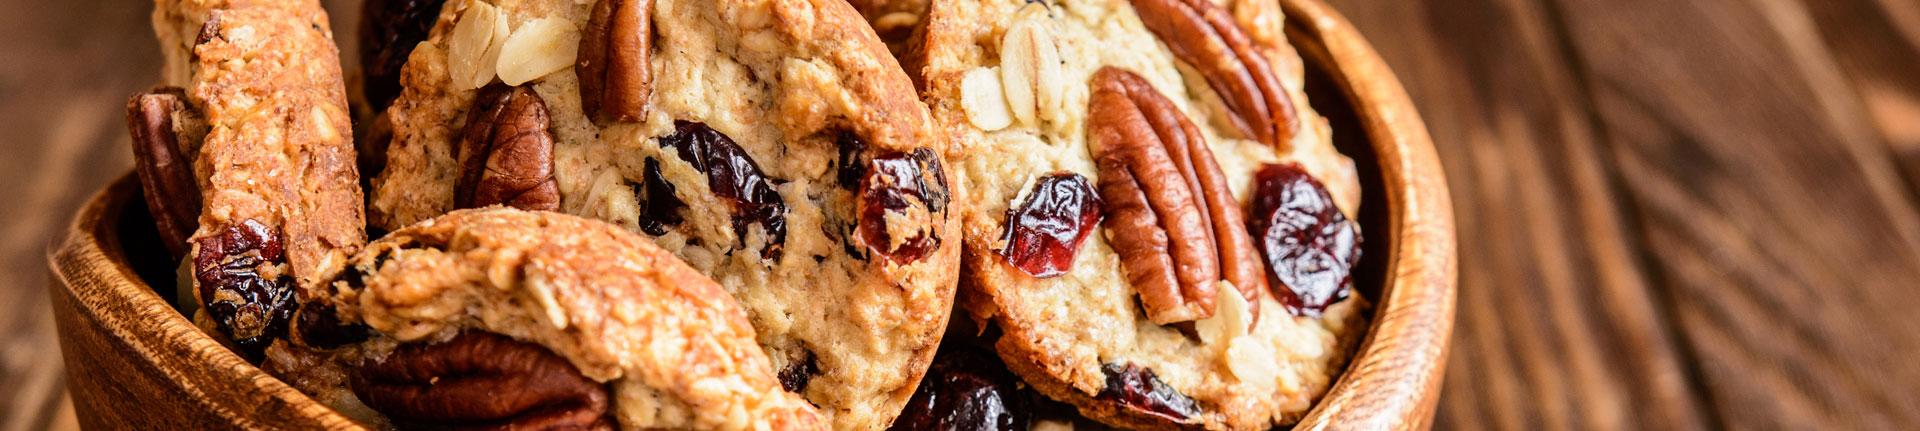 Cookies integrais de chocolate 70% e frutas vermelhas